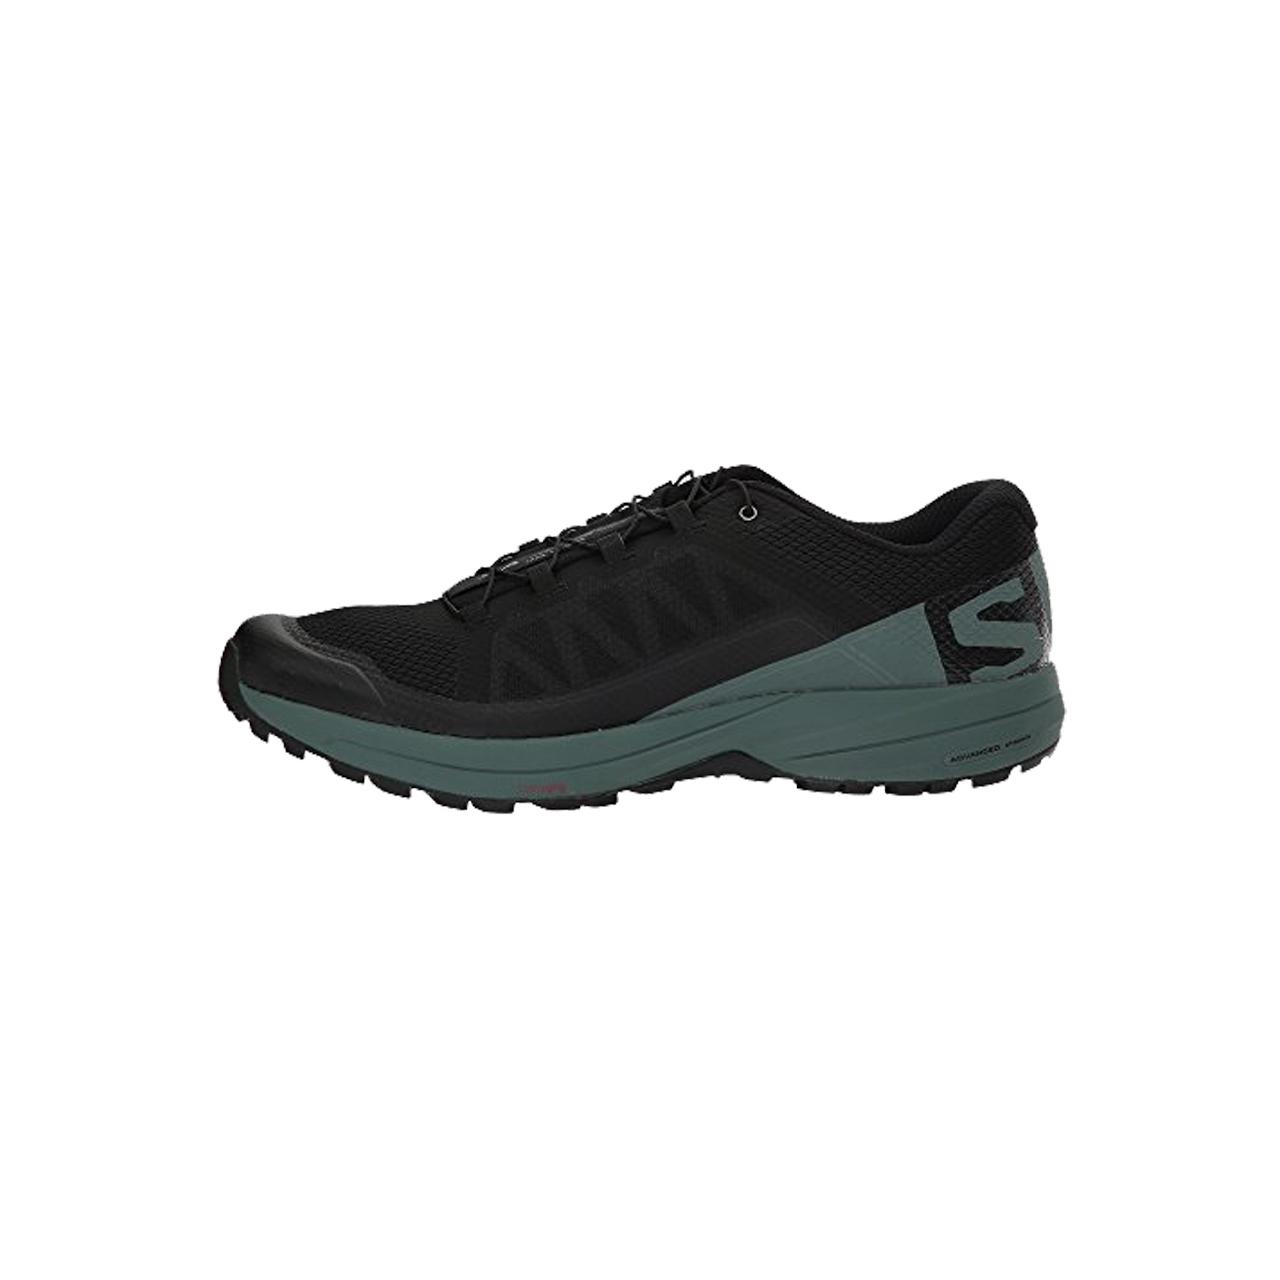 کفش مخصوص پیاده روی و دویدن مردانه سالومون مدل XA Elevate